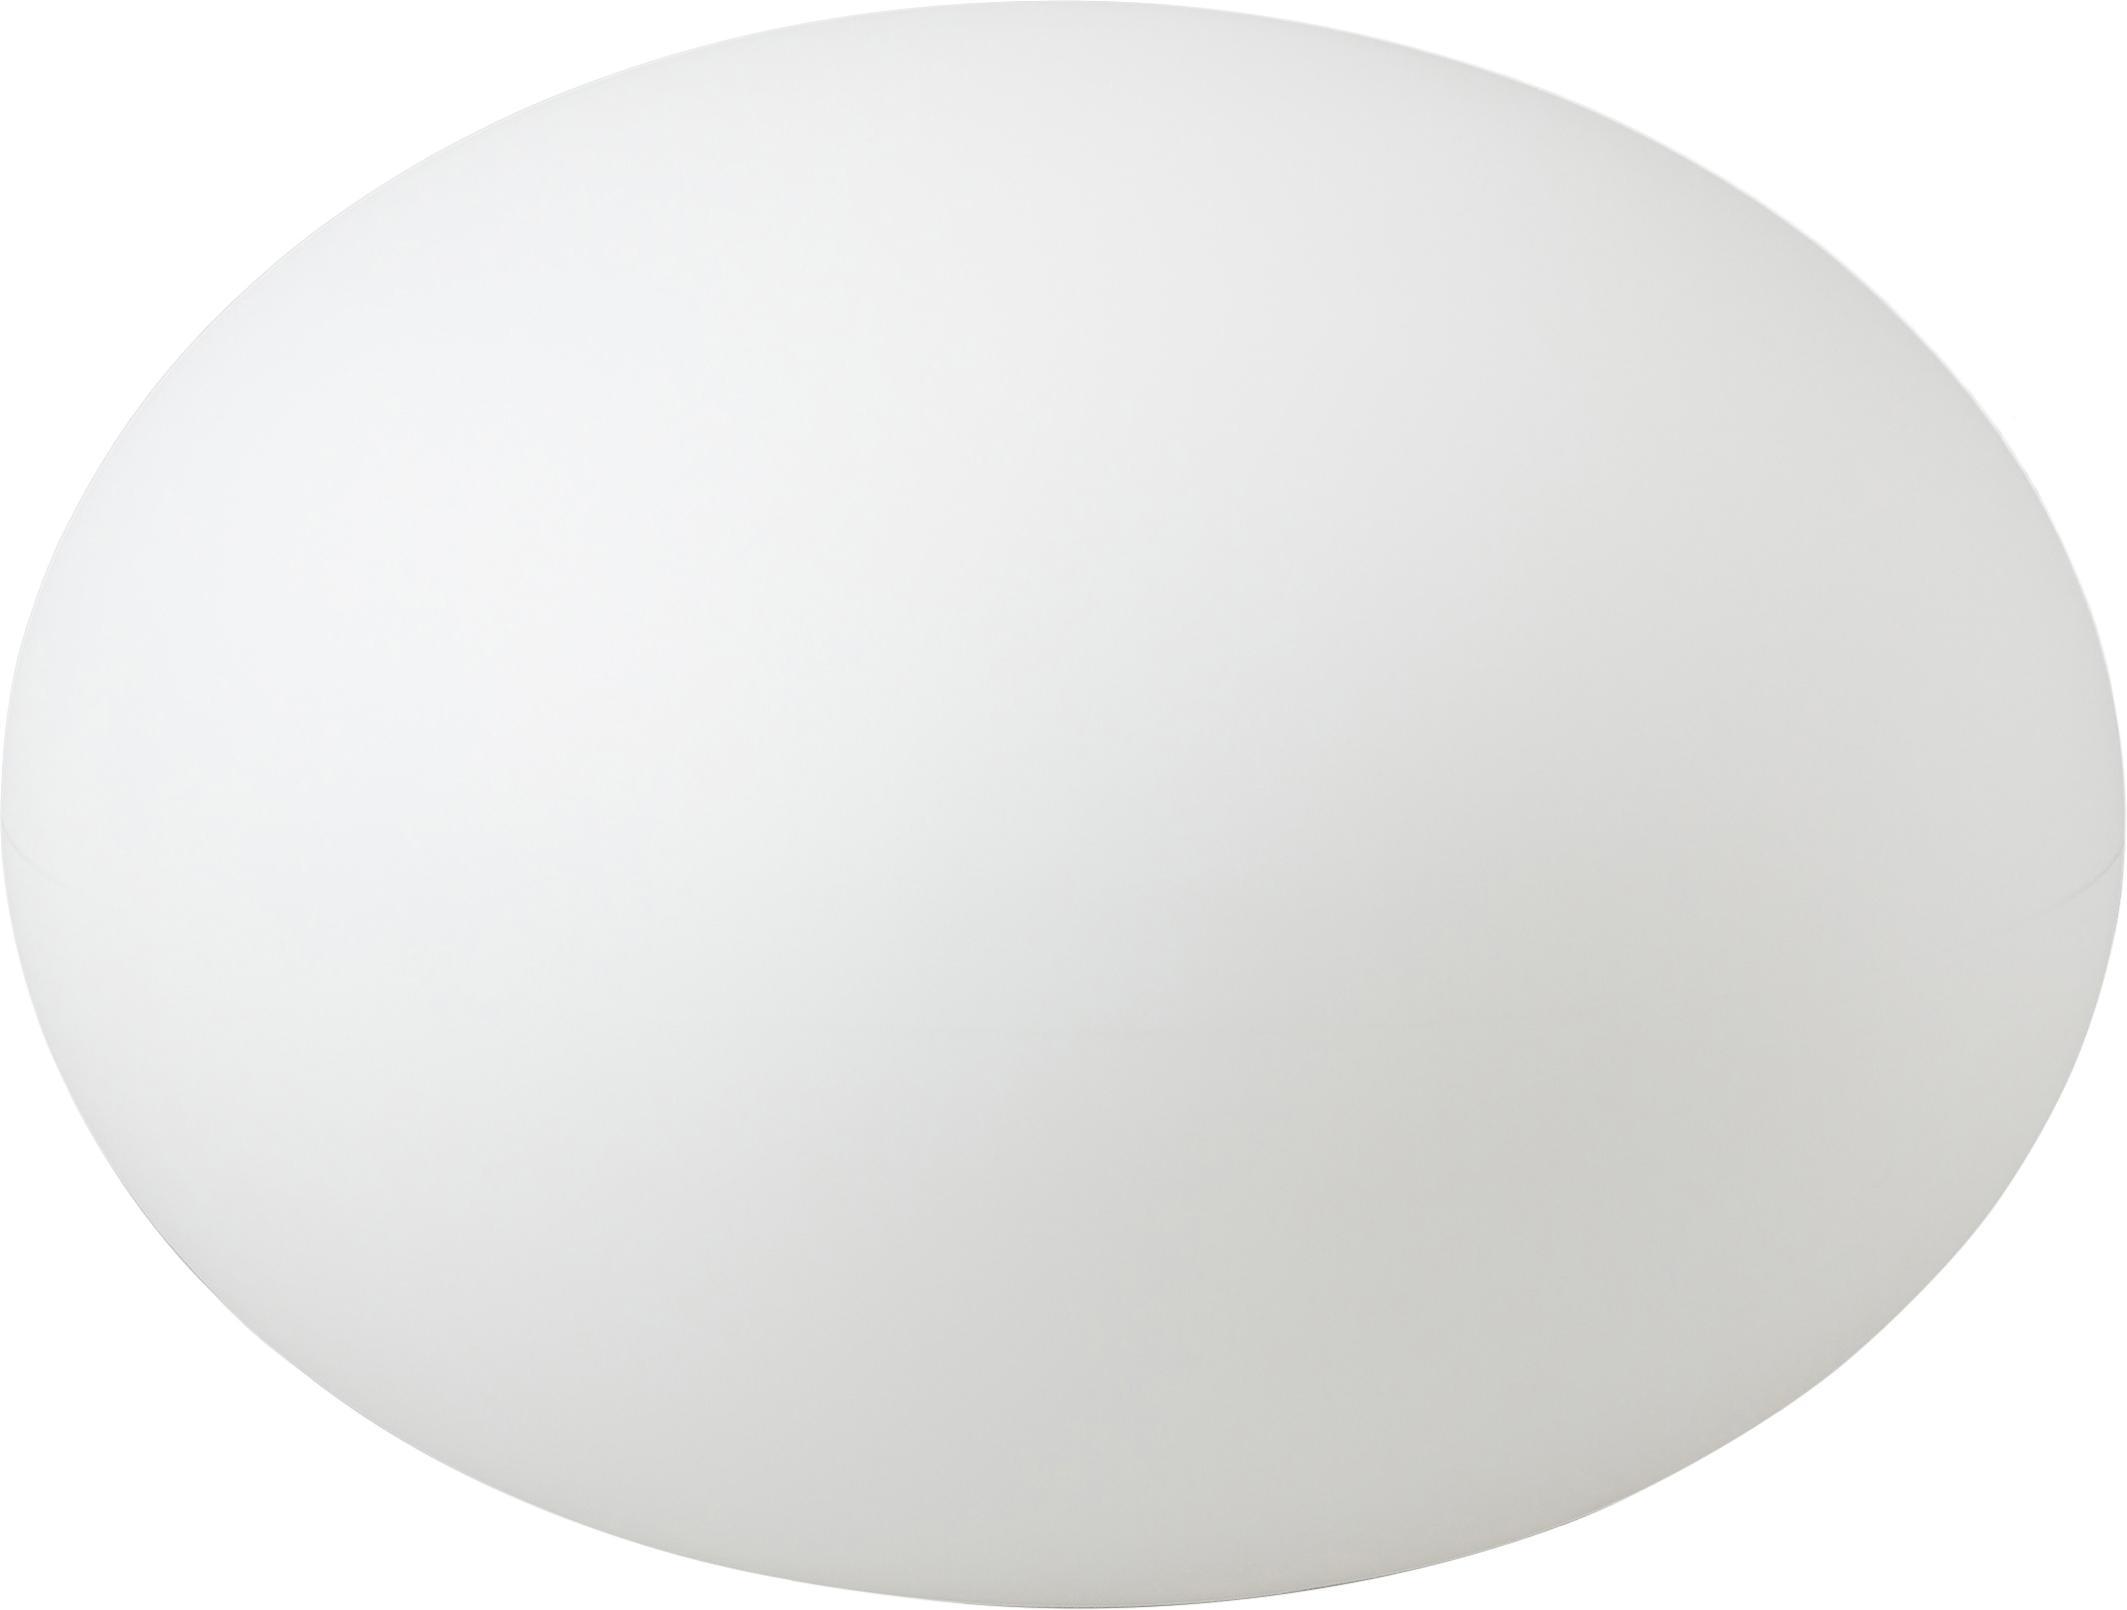 Aussen-Bodenleuchte Apollo mit Stecker, Kunststoff, Weiss, Ø 55 x H 41 cm